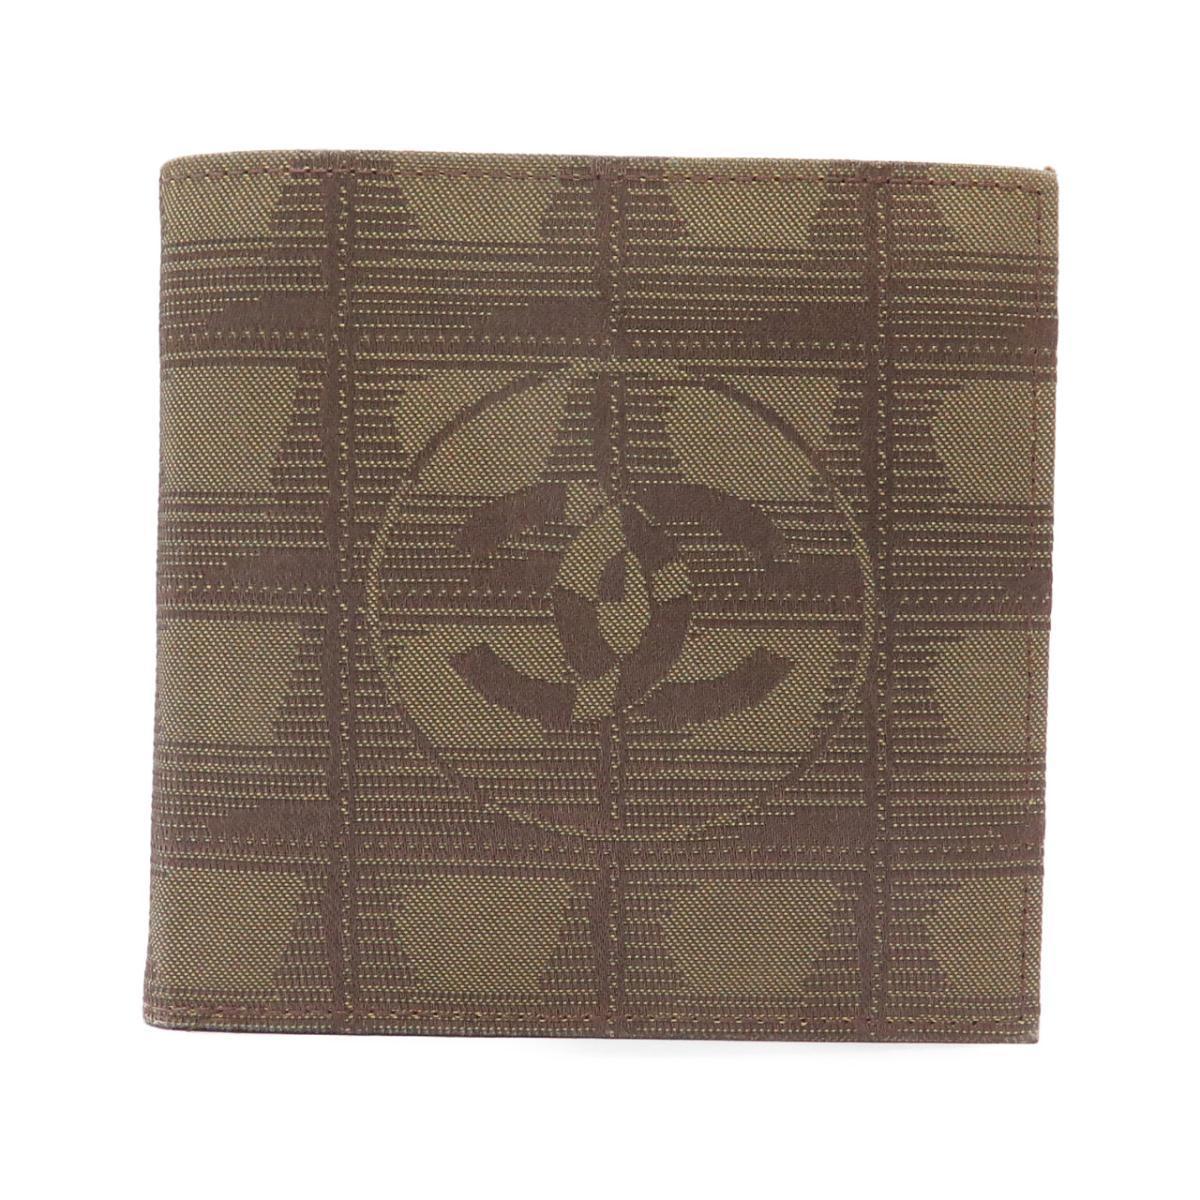 シャネル 春の新作 財布 物品 14342 中古